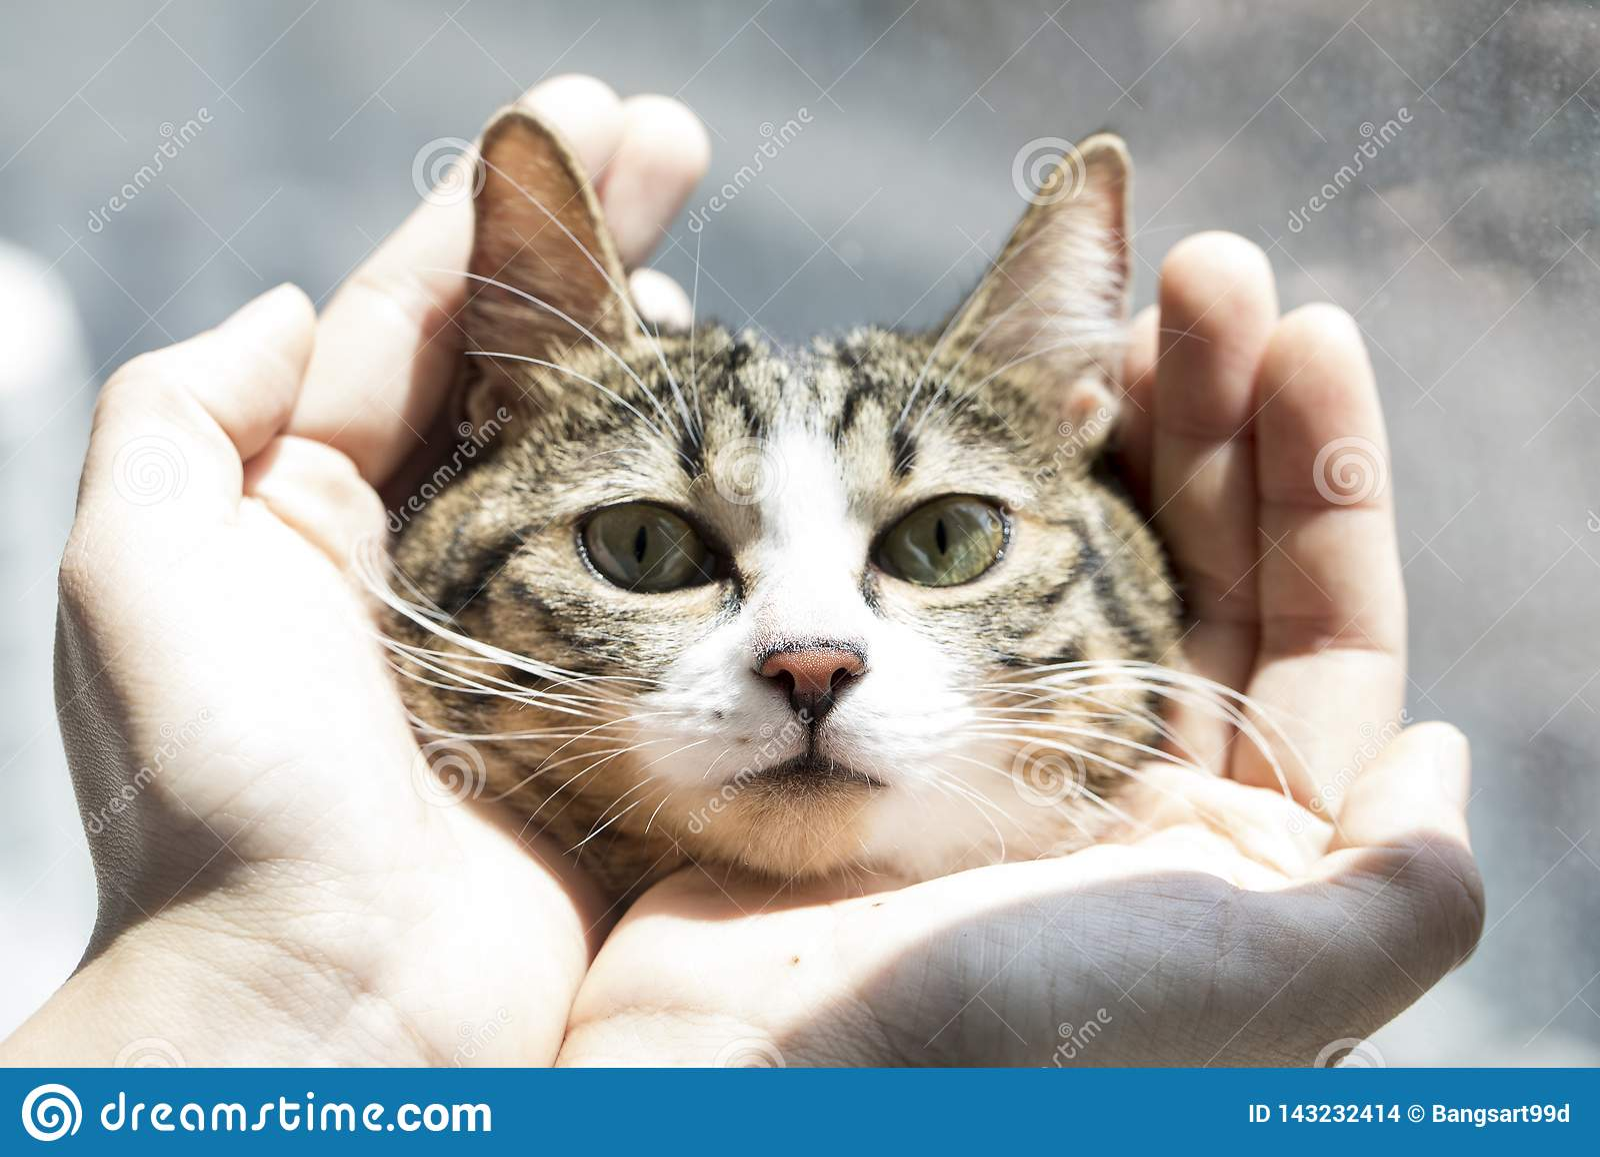 Fotos preciosas de un gato